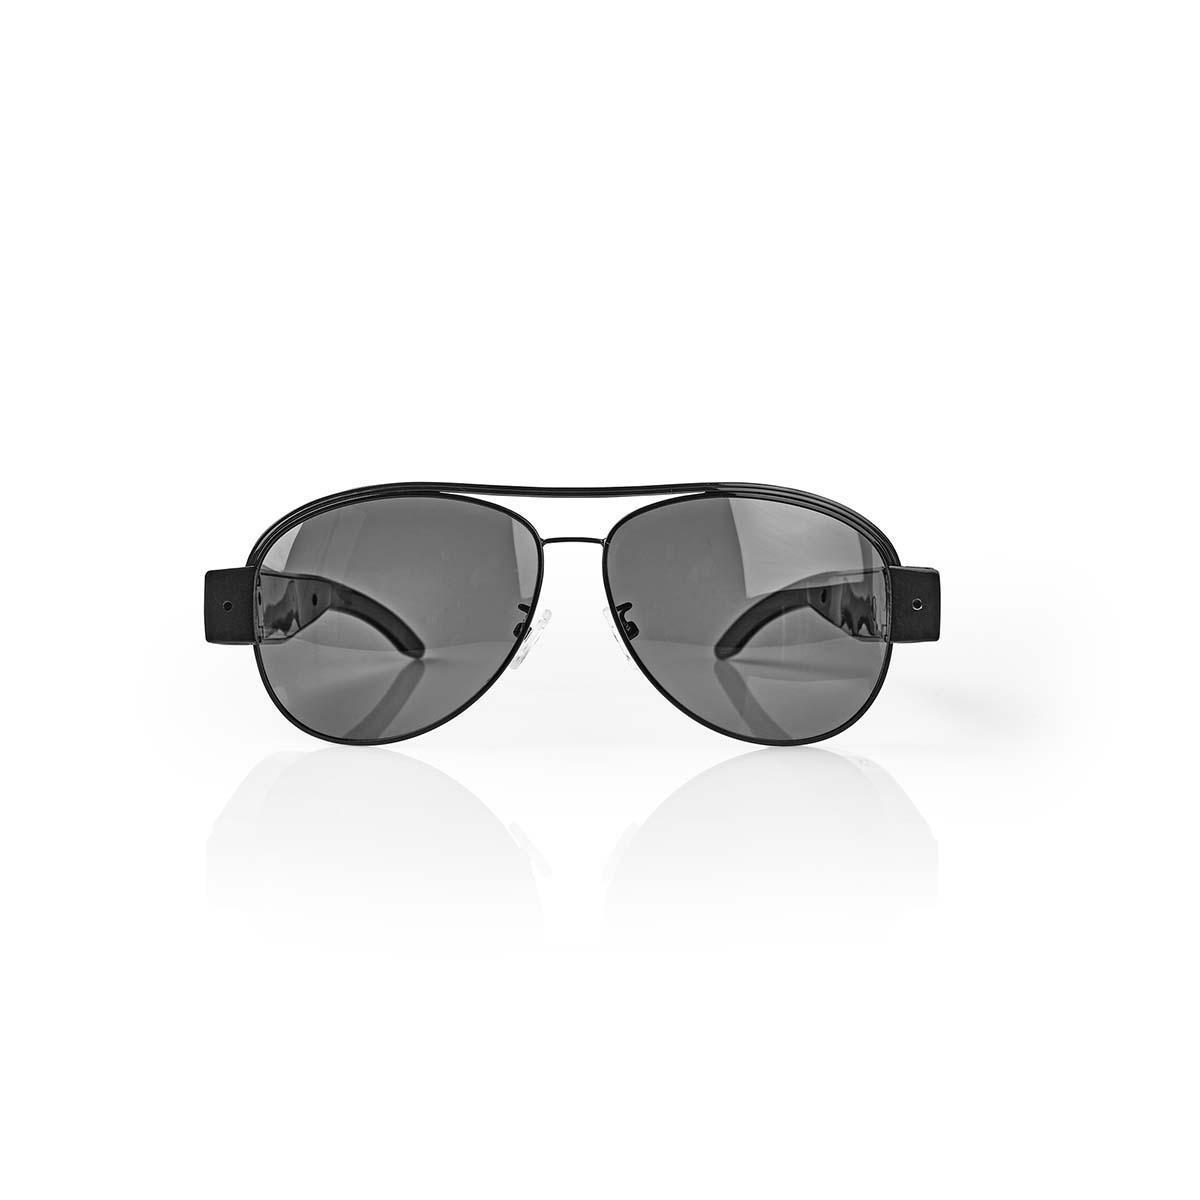 Zonnebril met Geïntegreerde Camera | 1920x1080 video | 4032x3024 foto | Oplaadbaar<br /> Zet deze zonnebril met verborgen camera op en maak onopvallend opnames. De zonnebril is niet alleen ideaal als spycam, maar kan ook gebruikt worden voor het filmen van spo